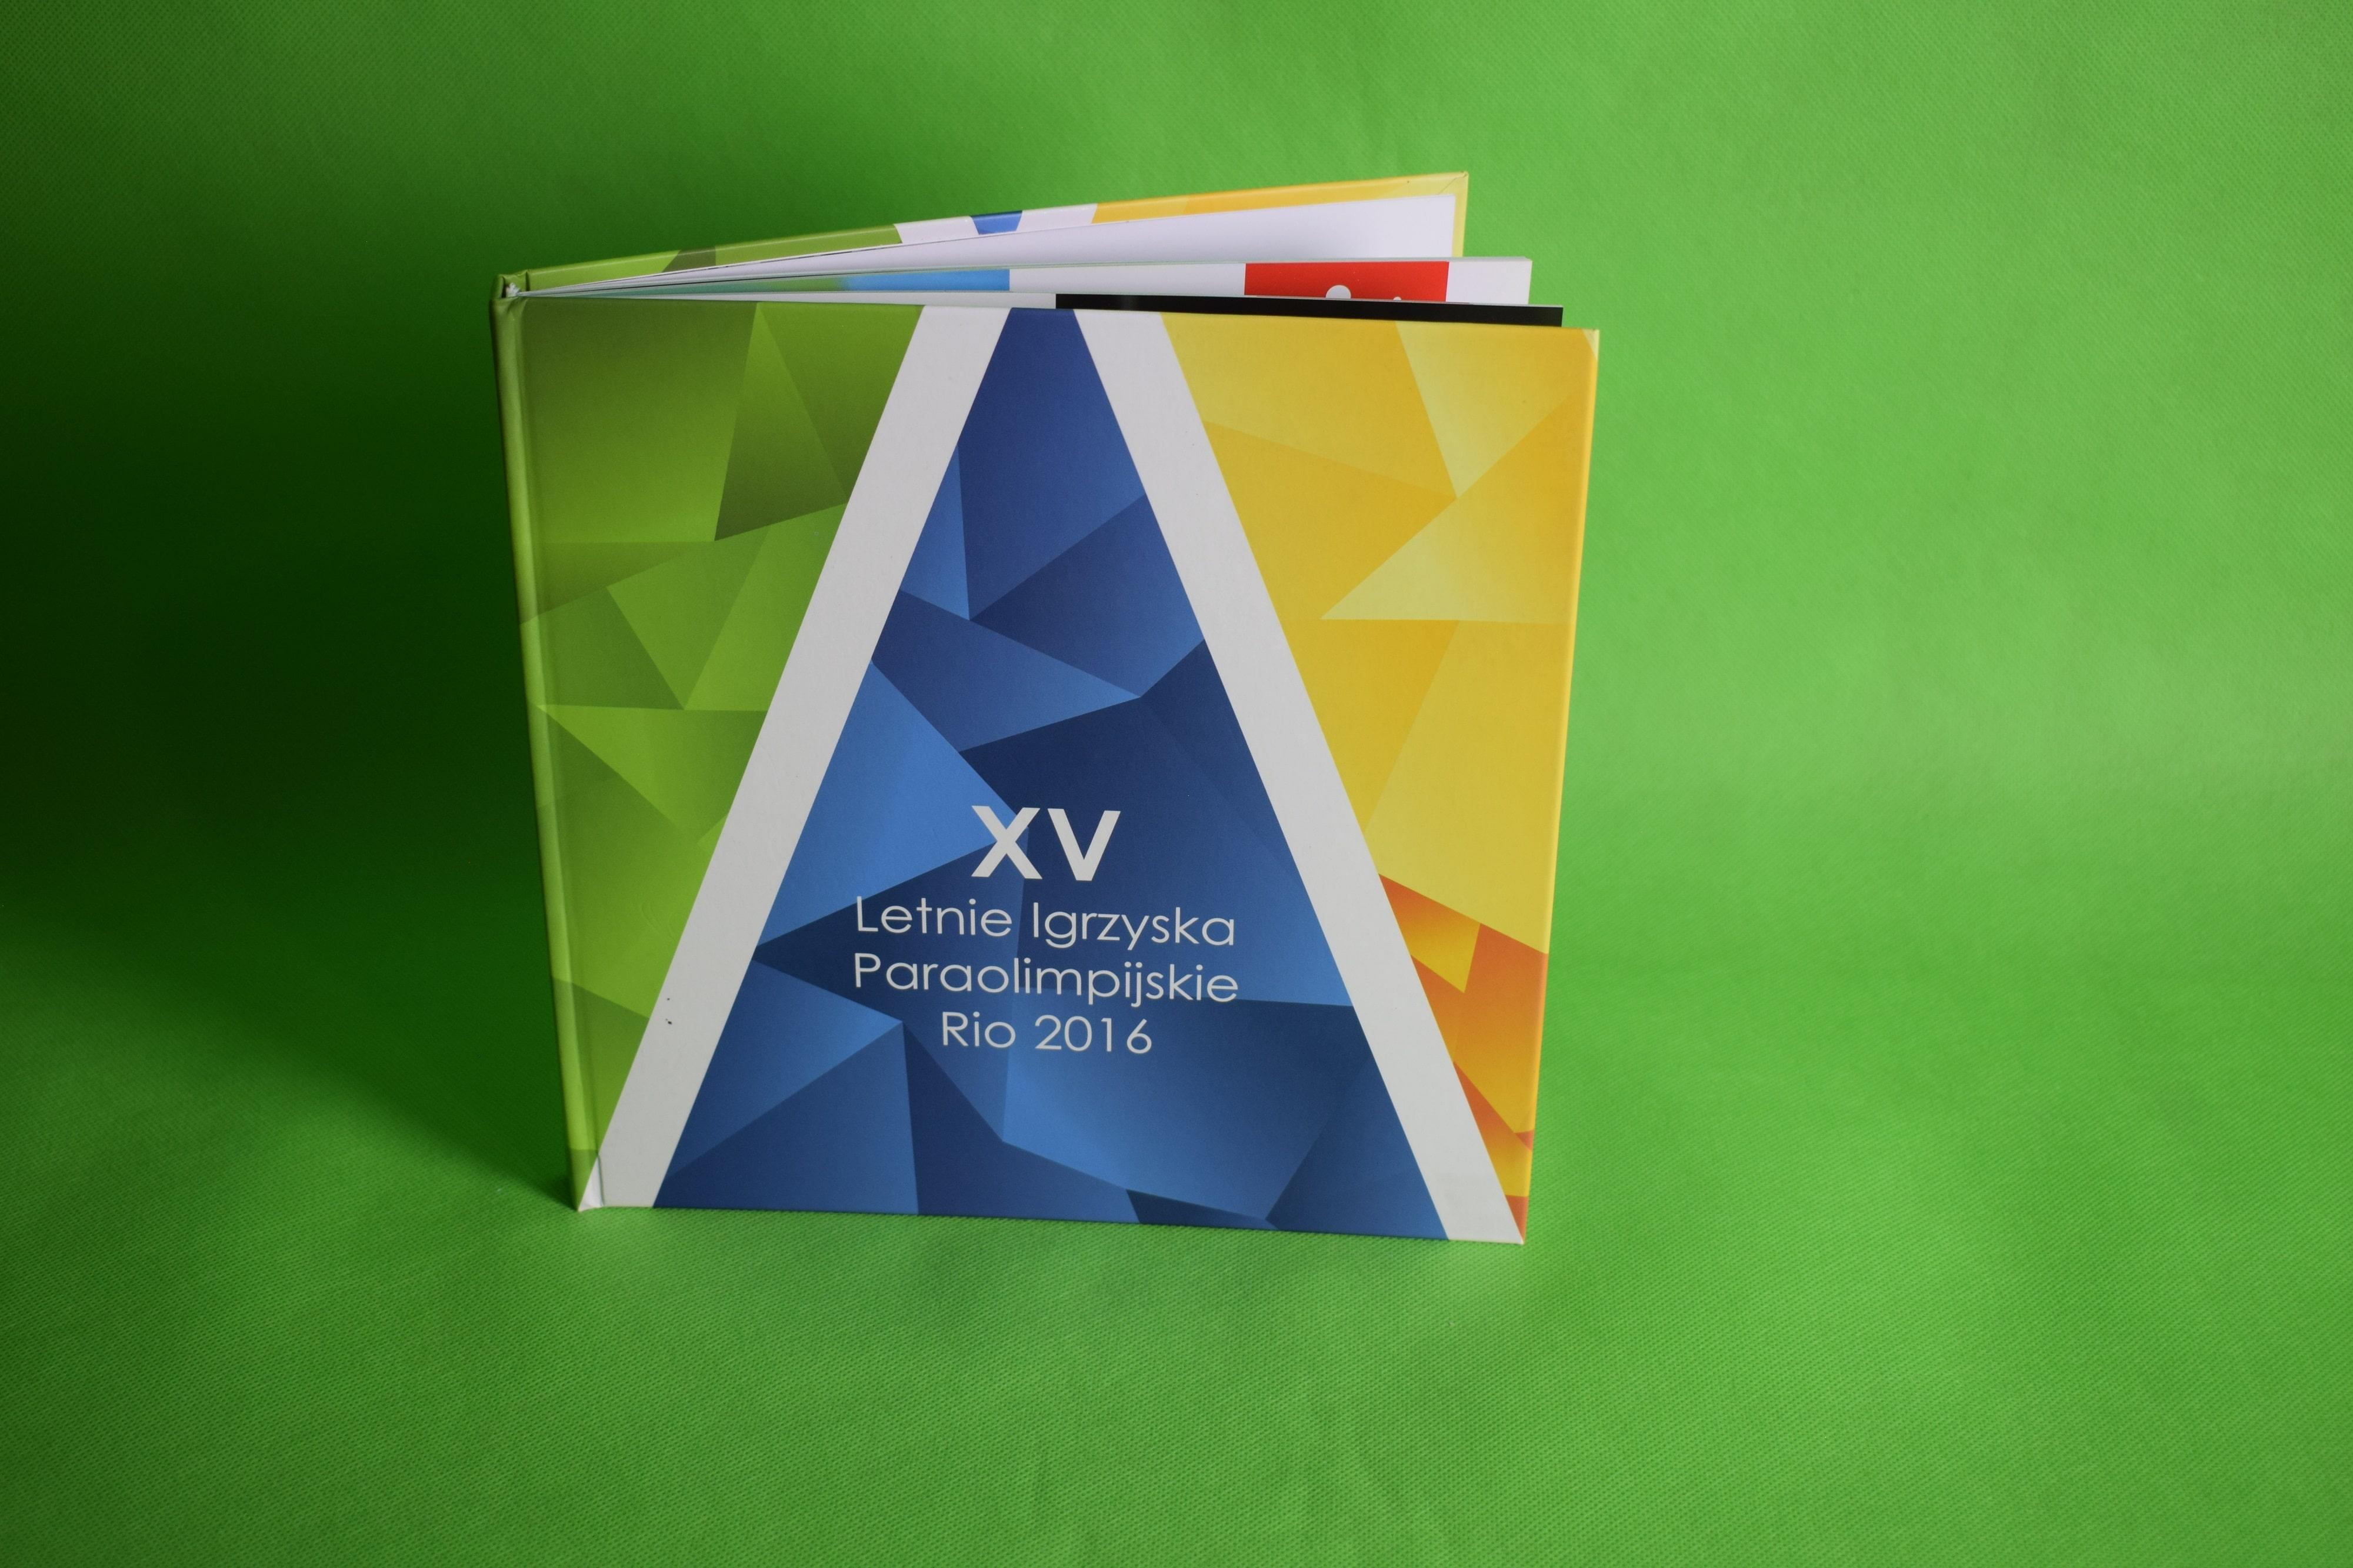 Książka o XV Letnich Igrzyskach Paraolimpijskich